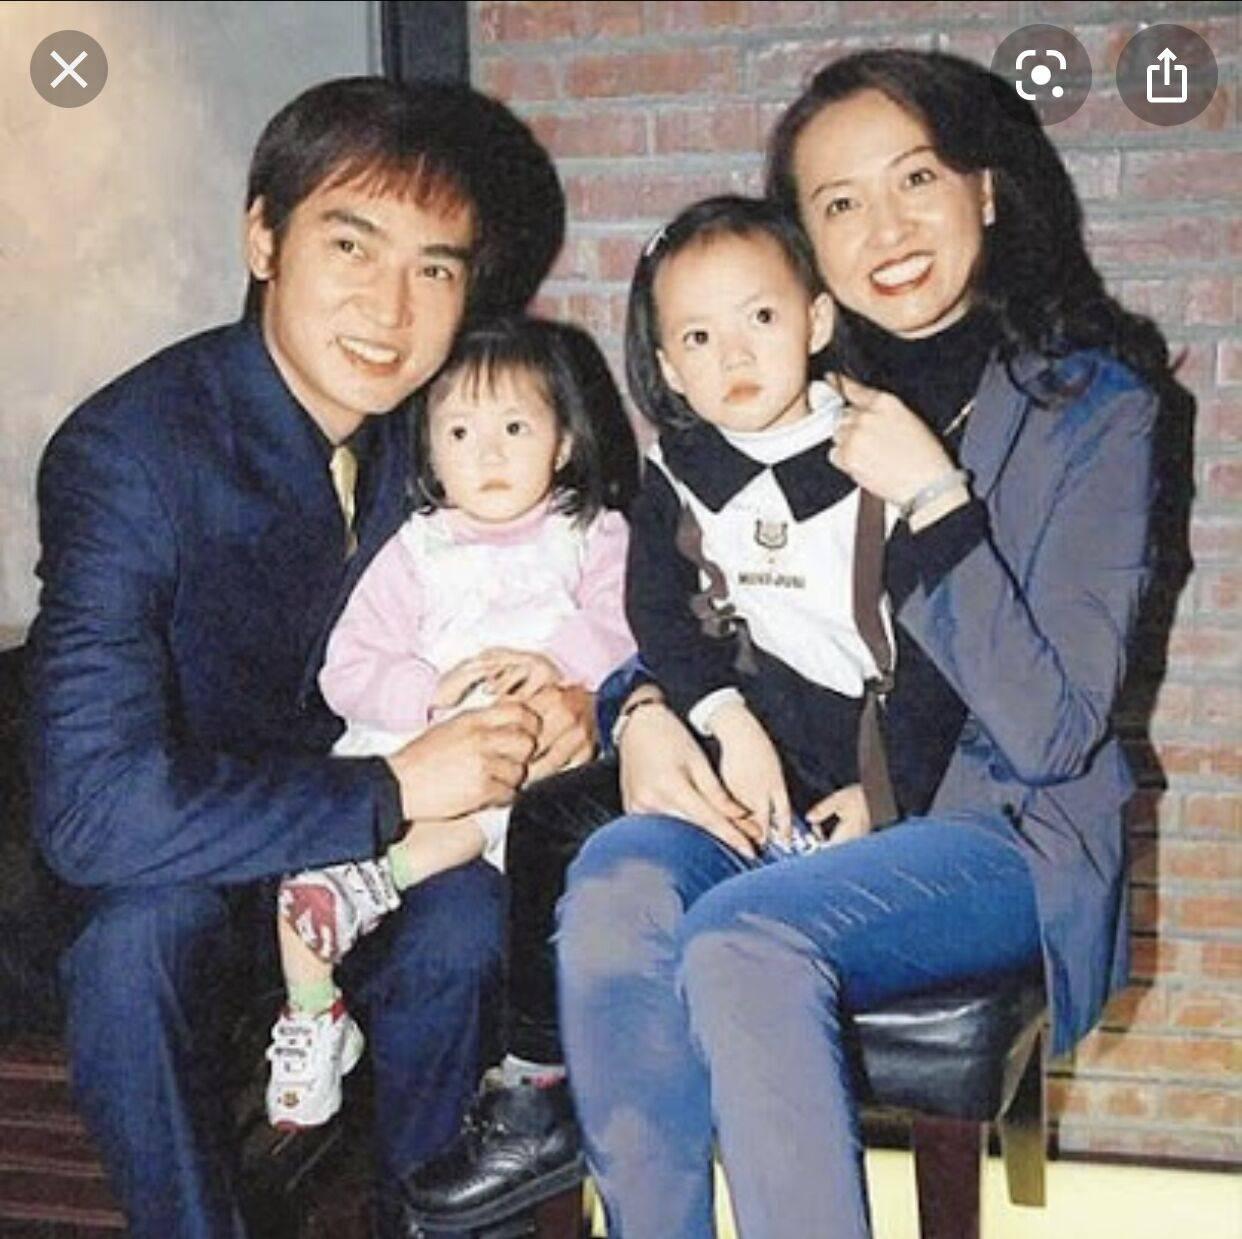 53岁童年男神焦恩俊与老婆断联2年多,星二代林千鈺称仍未签字离婚  第7张